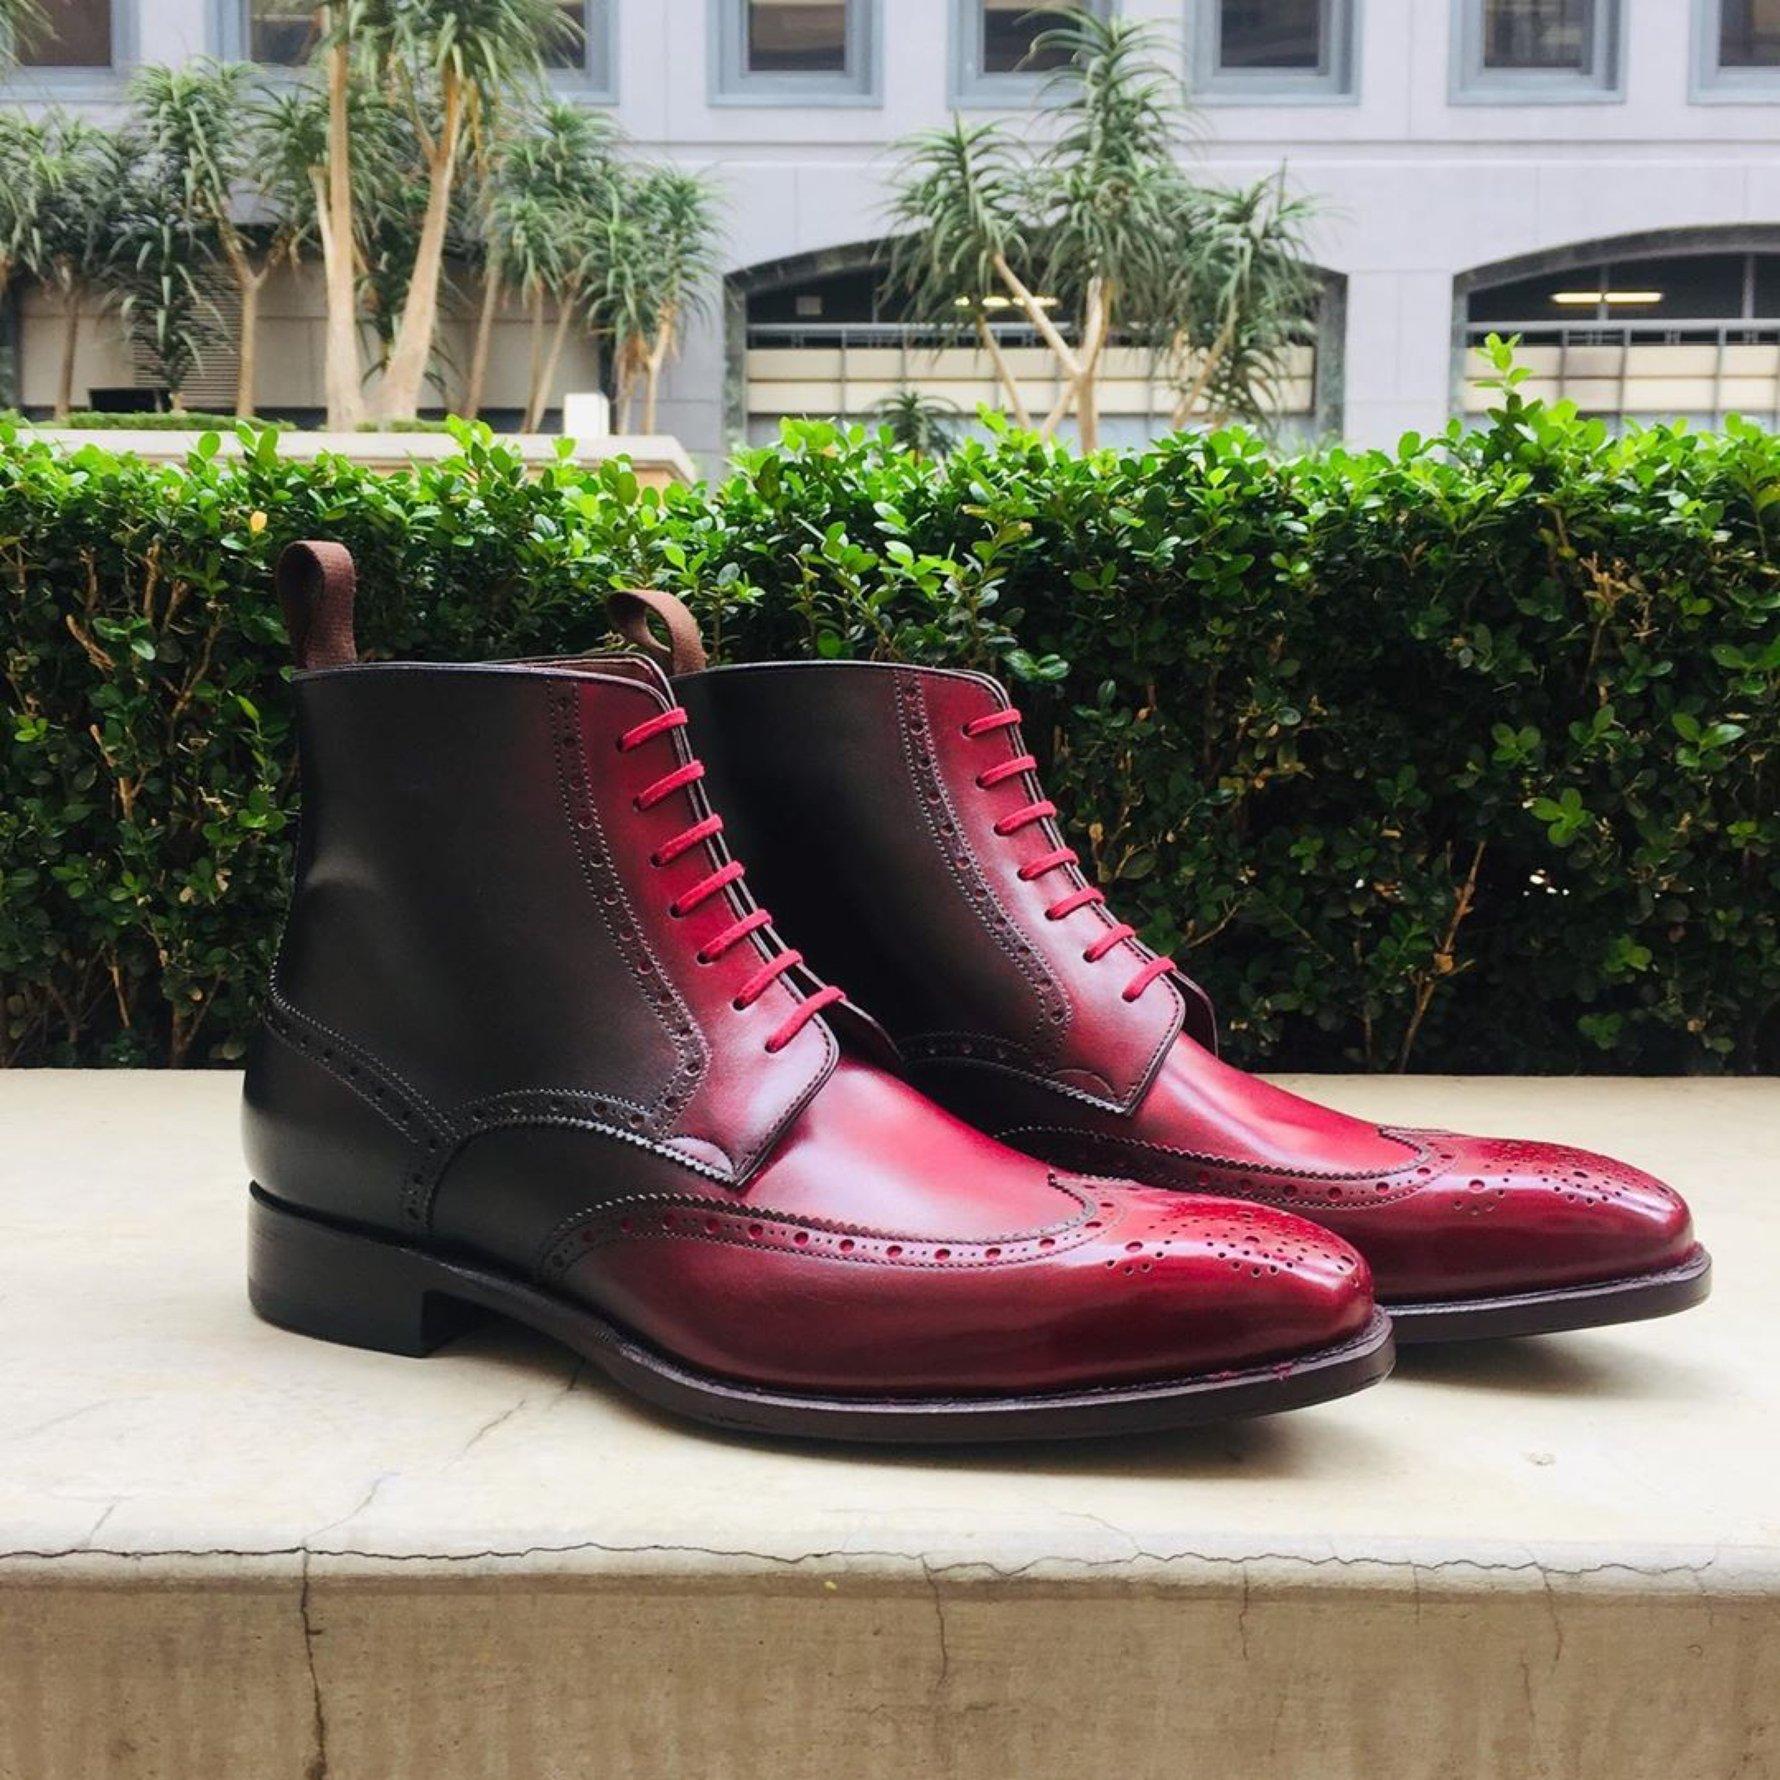 Premier shoes